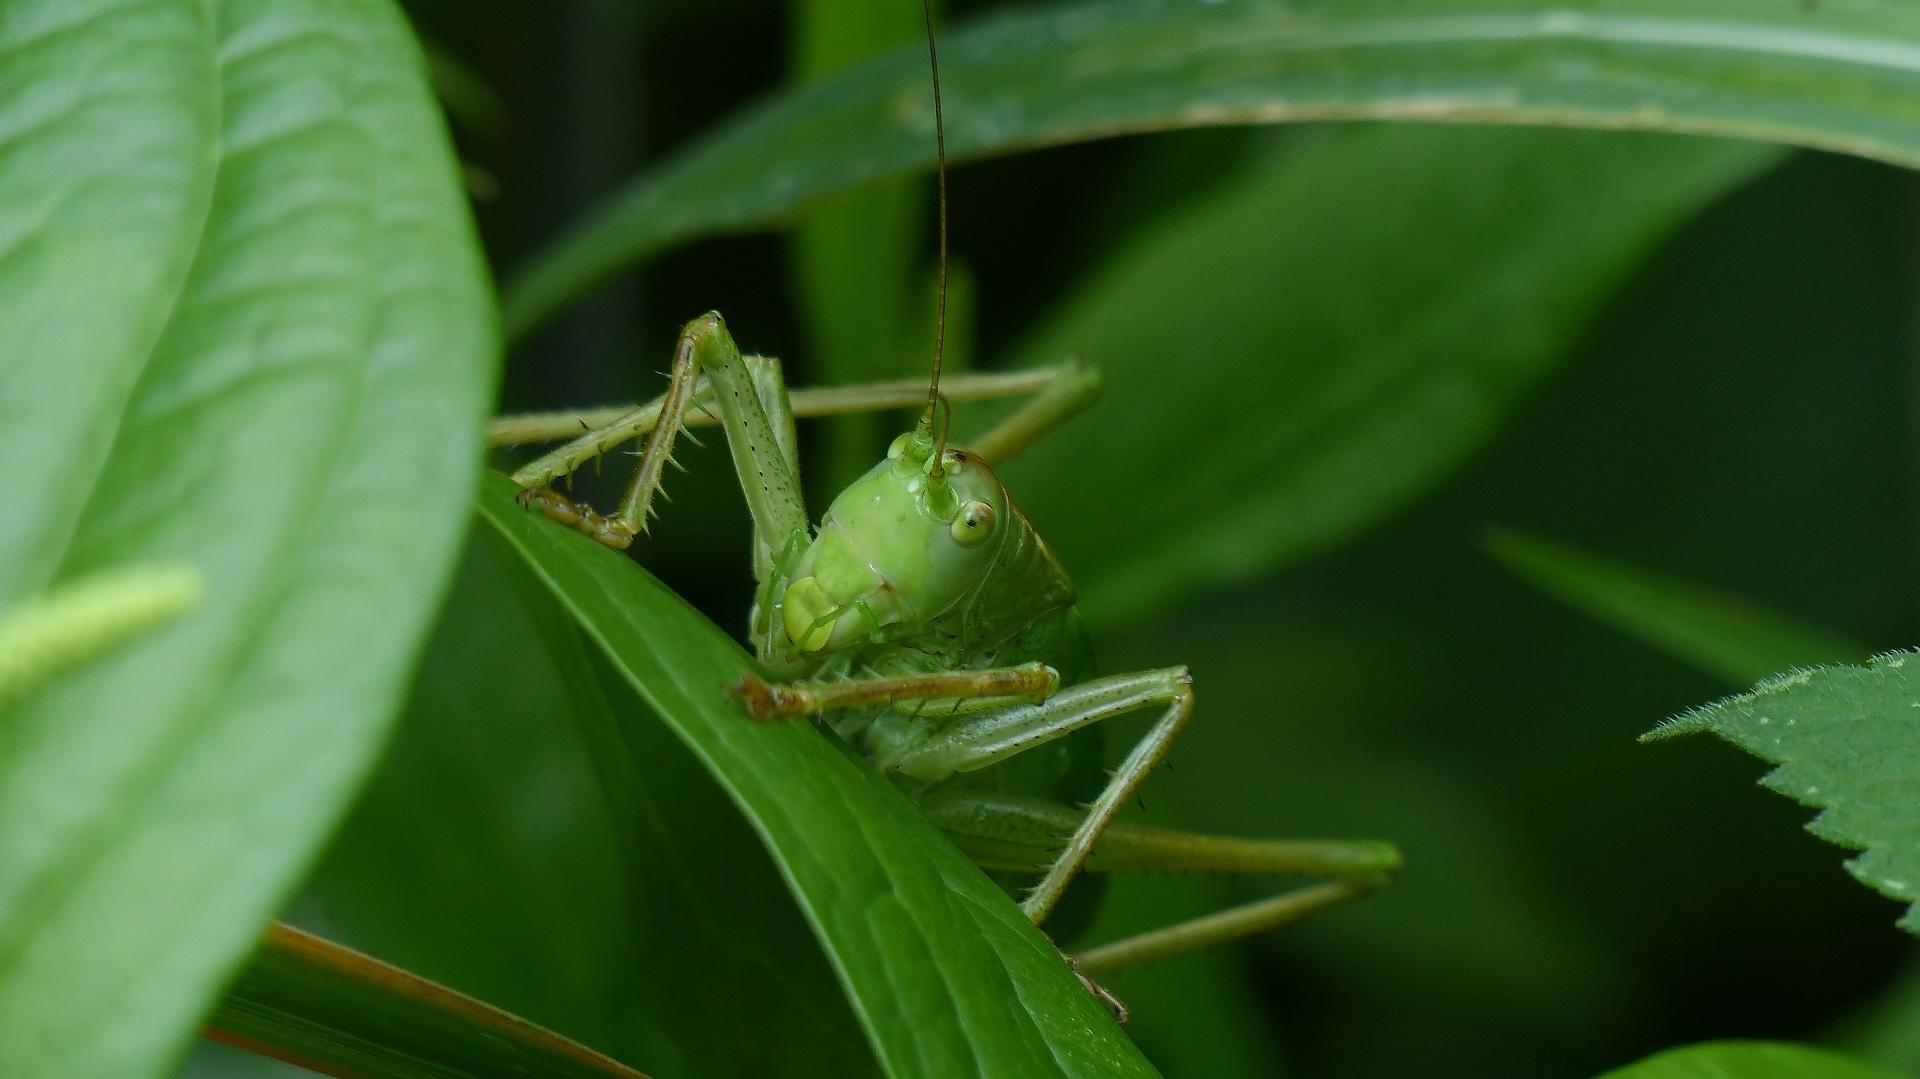 昆虫の森シリーズ 最強のバッタ_a0185081_13484859.jpg